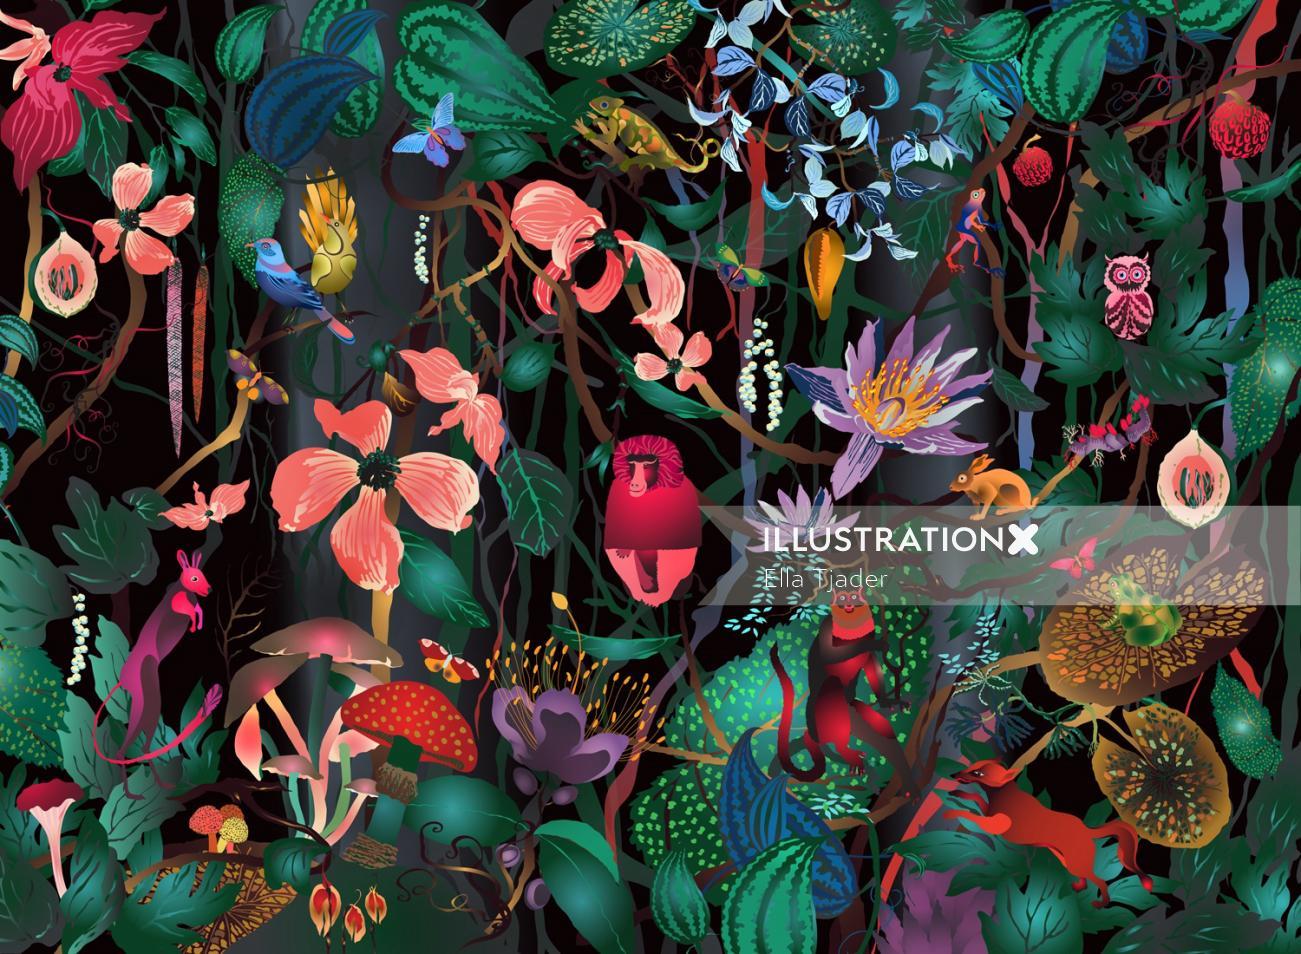 Nature illustration by Ella Tjader